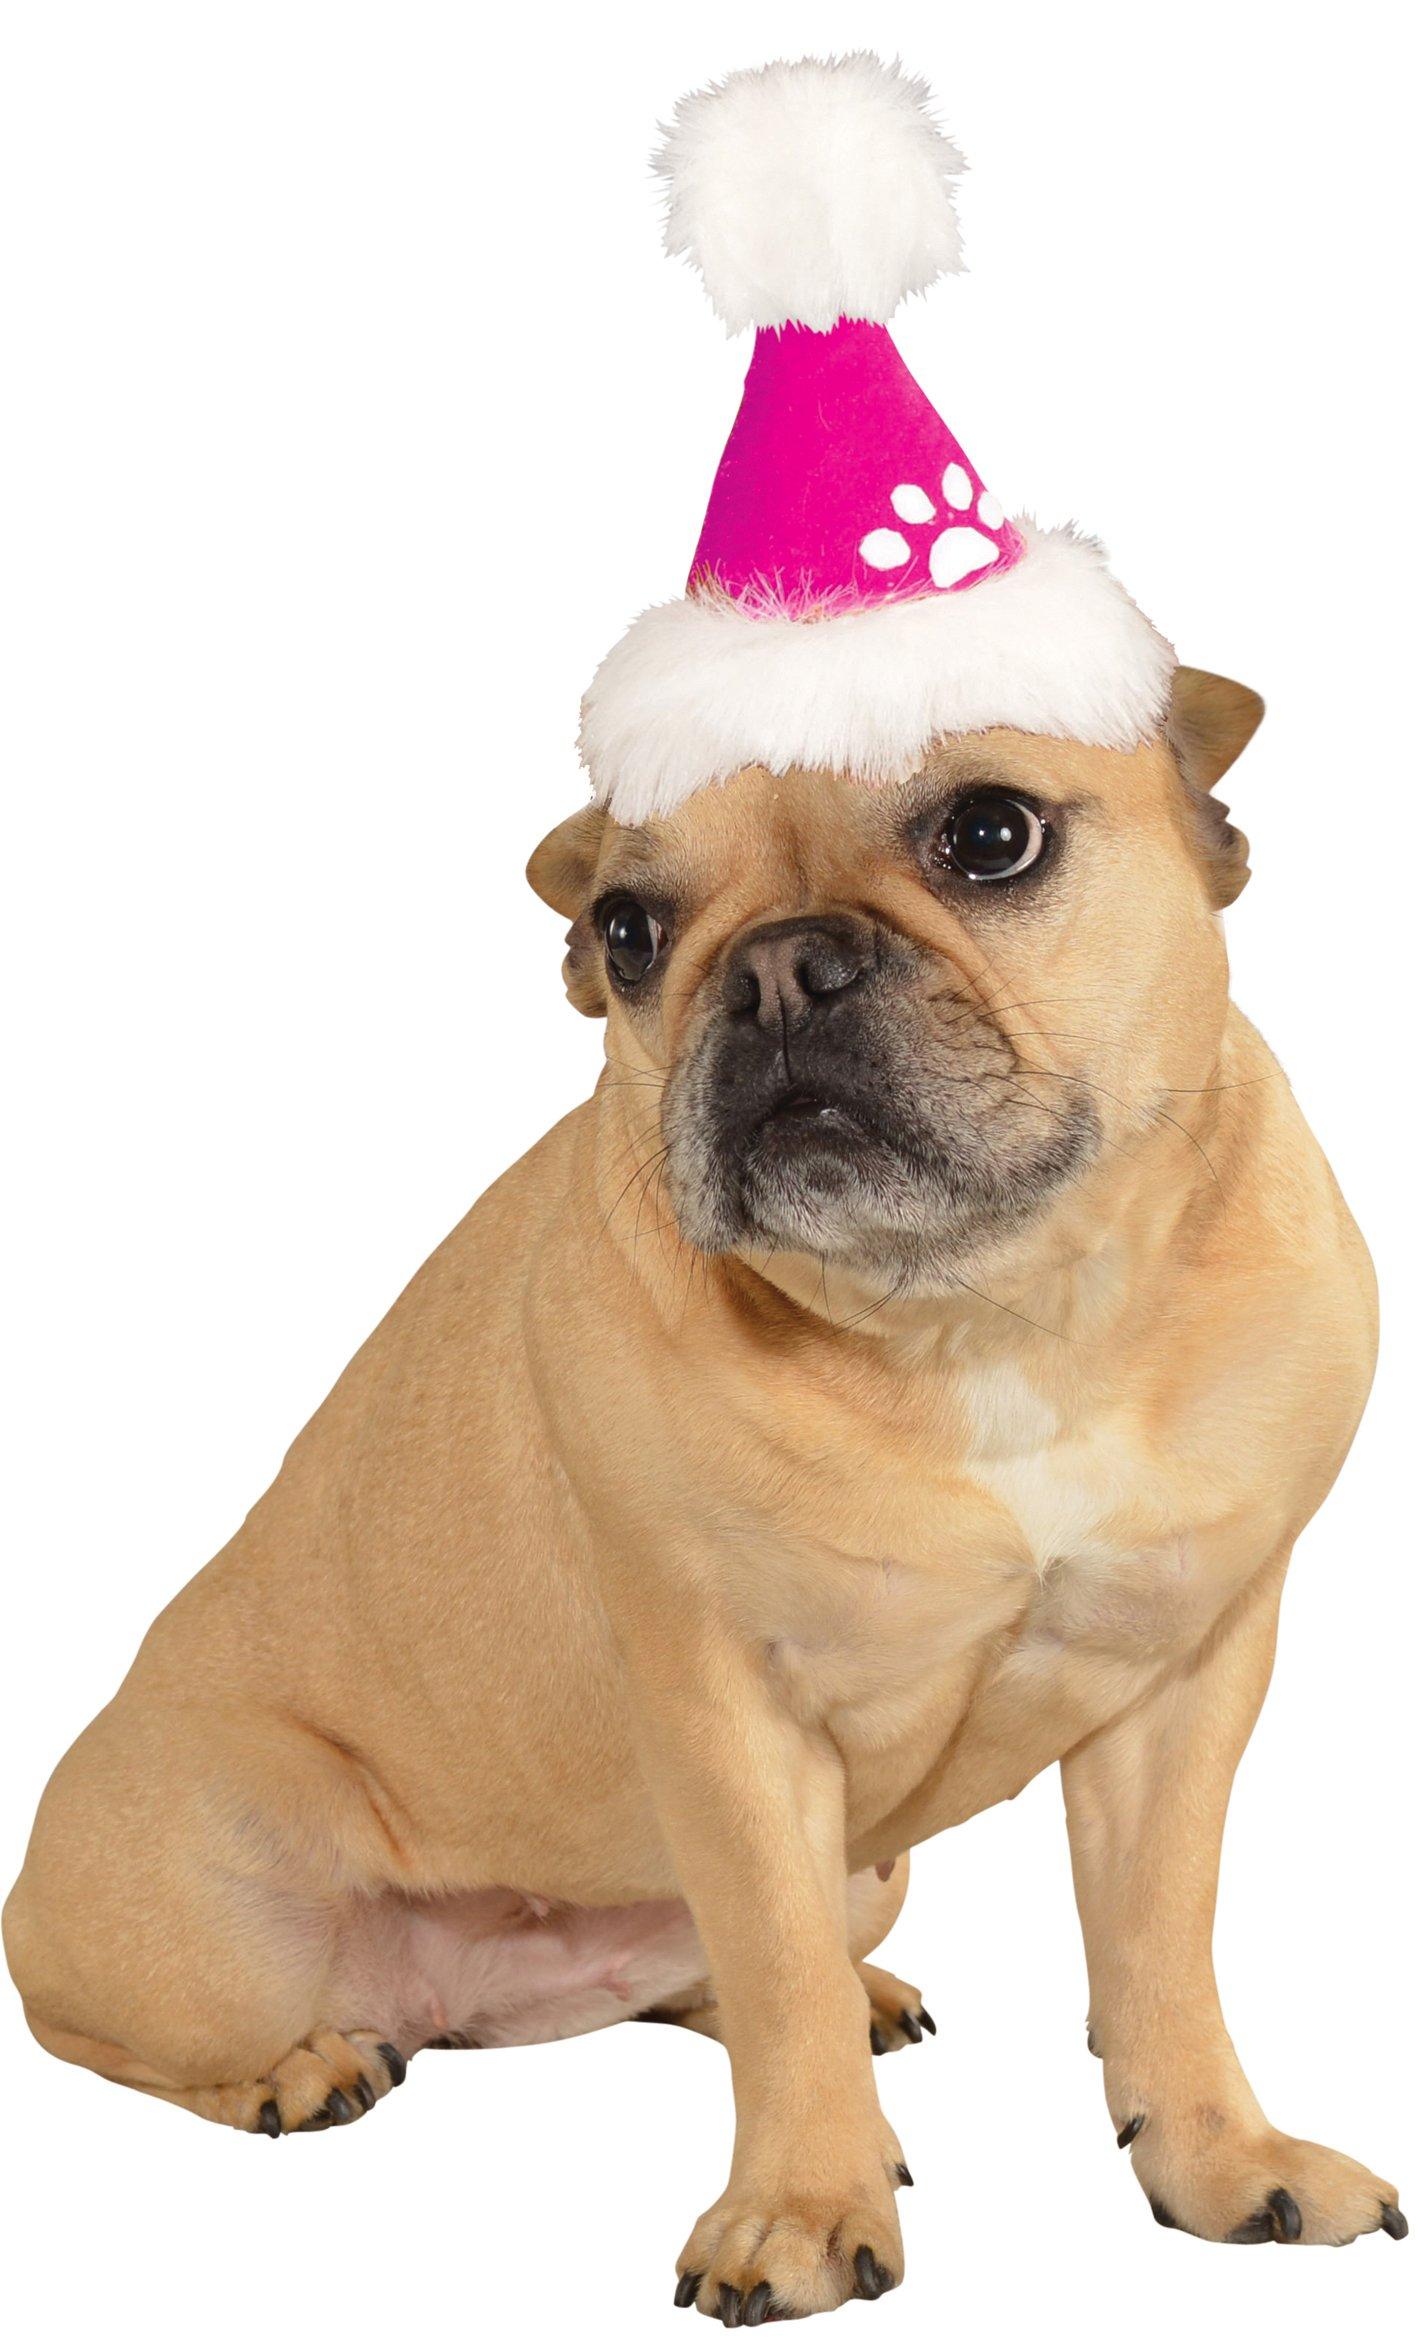 Rubies 粉色圣诞帽宠物服装配饰 多种颜色 Medium/Large